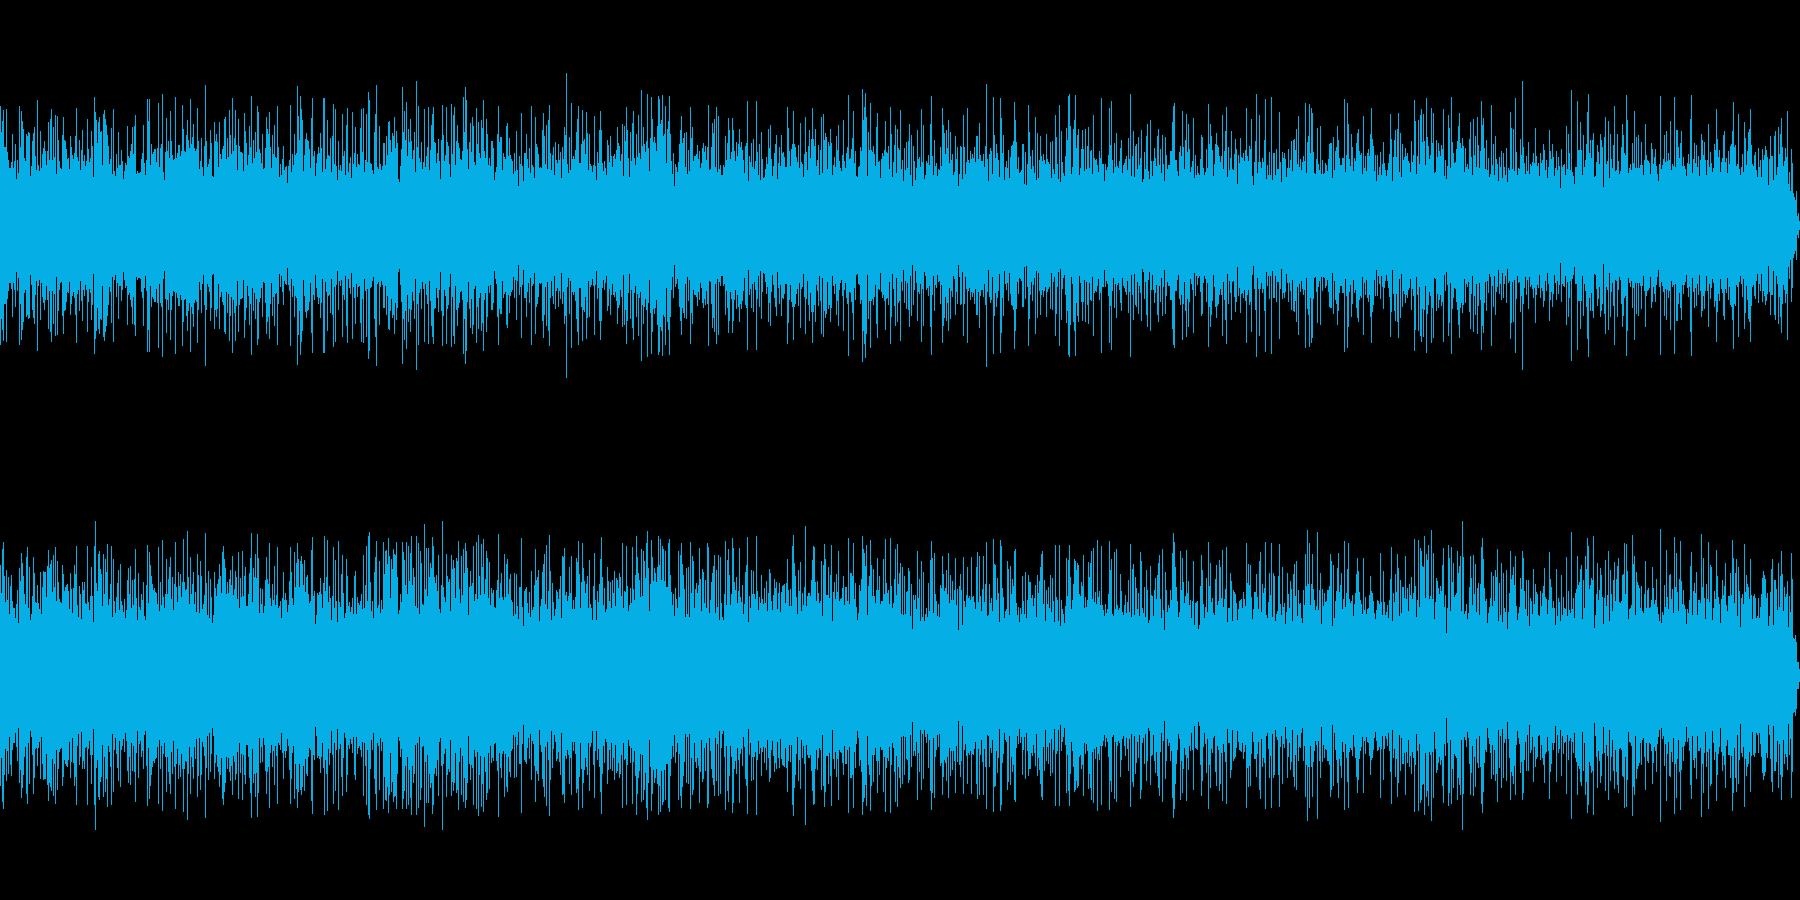 水流の洞窟の再生済みの波形